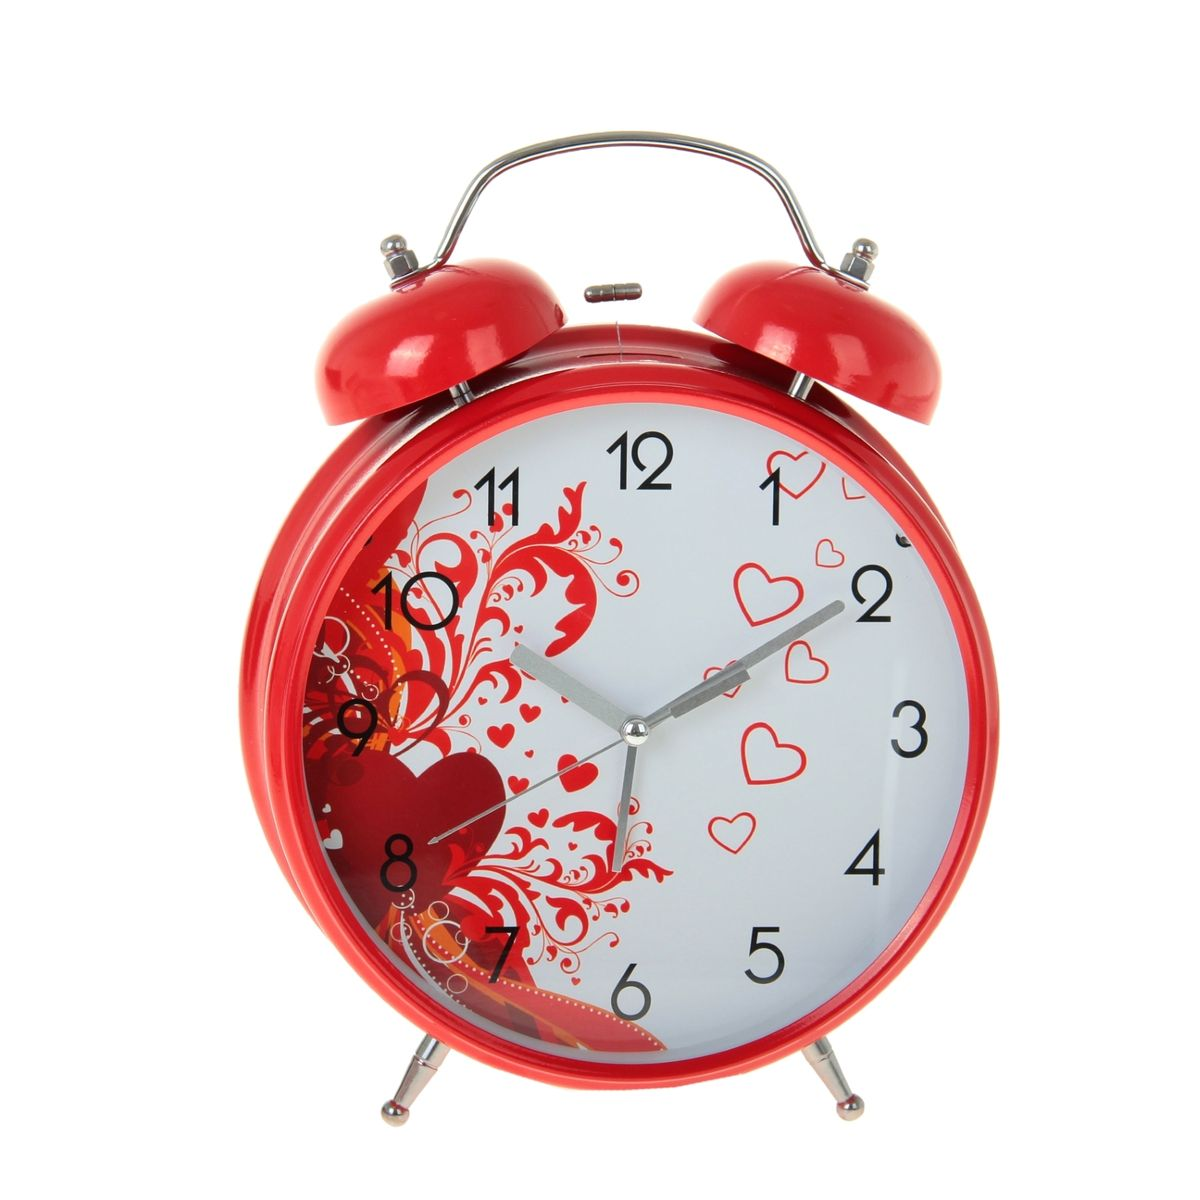 Часы-будильник Sima-land Ажурные сердцаFA-2416 MT.GreyКак же сложно иногда вставать вовремя! Всегда так хочется поспать еще хотя бы 5 минут и бывает, что мы просыпаем. Теперь этого не случится! Яркий, оригинальный будильник Sima-land Ажурные сердца поможет вам всегда вставать в нужное время и успевать везде и всюду.Корпус будильника выполнен из металла. Циферблат имеет индикацию арабскими цифрами. Часы снабжены 4 стрелками (секундная, минутная, часовая и для будильника). На задней панели будильника расположен переключатель включения/выключения механизма, а также два колесика для настройки текущего времени и времени звонка будильника. Также будильник оснащен кнопкой, при нажатии которой подсвечивается циферблат.Пользоваться будильником очень легко: нужно всего лишь поставить батарейки, настроить точное время и установить время звонка. Необходимо докупить 3 батарейки типа АА (не входят в комплект).